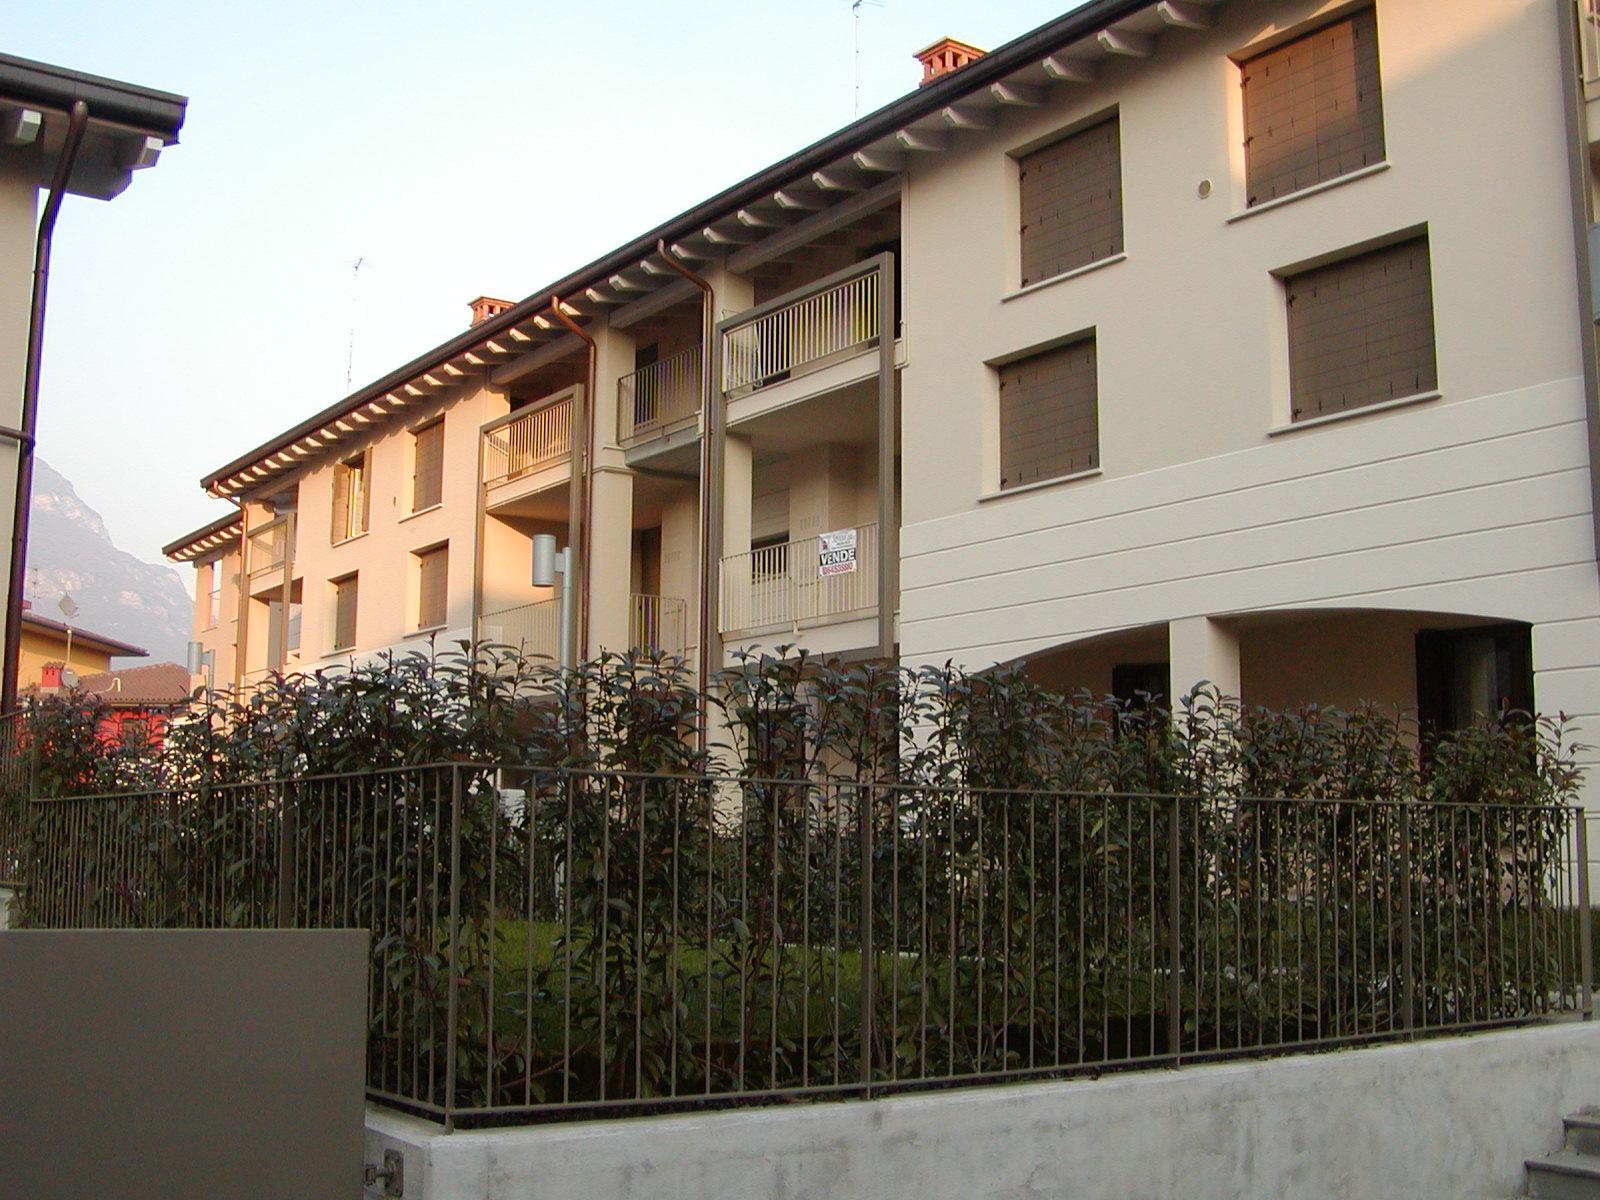 Studio-di-architettura-Baisotti-Sigala-prgetti58